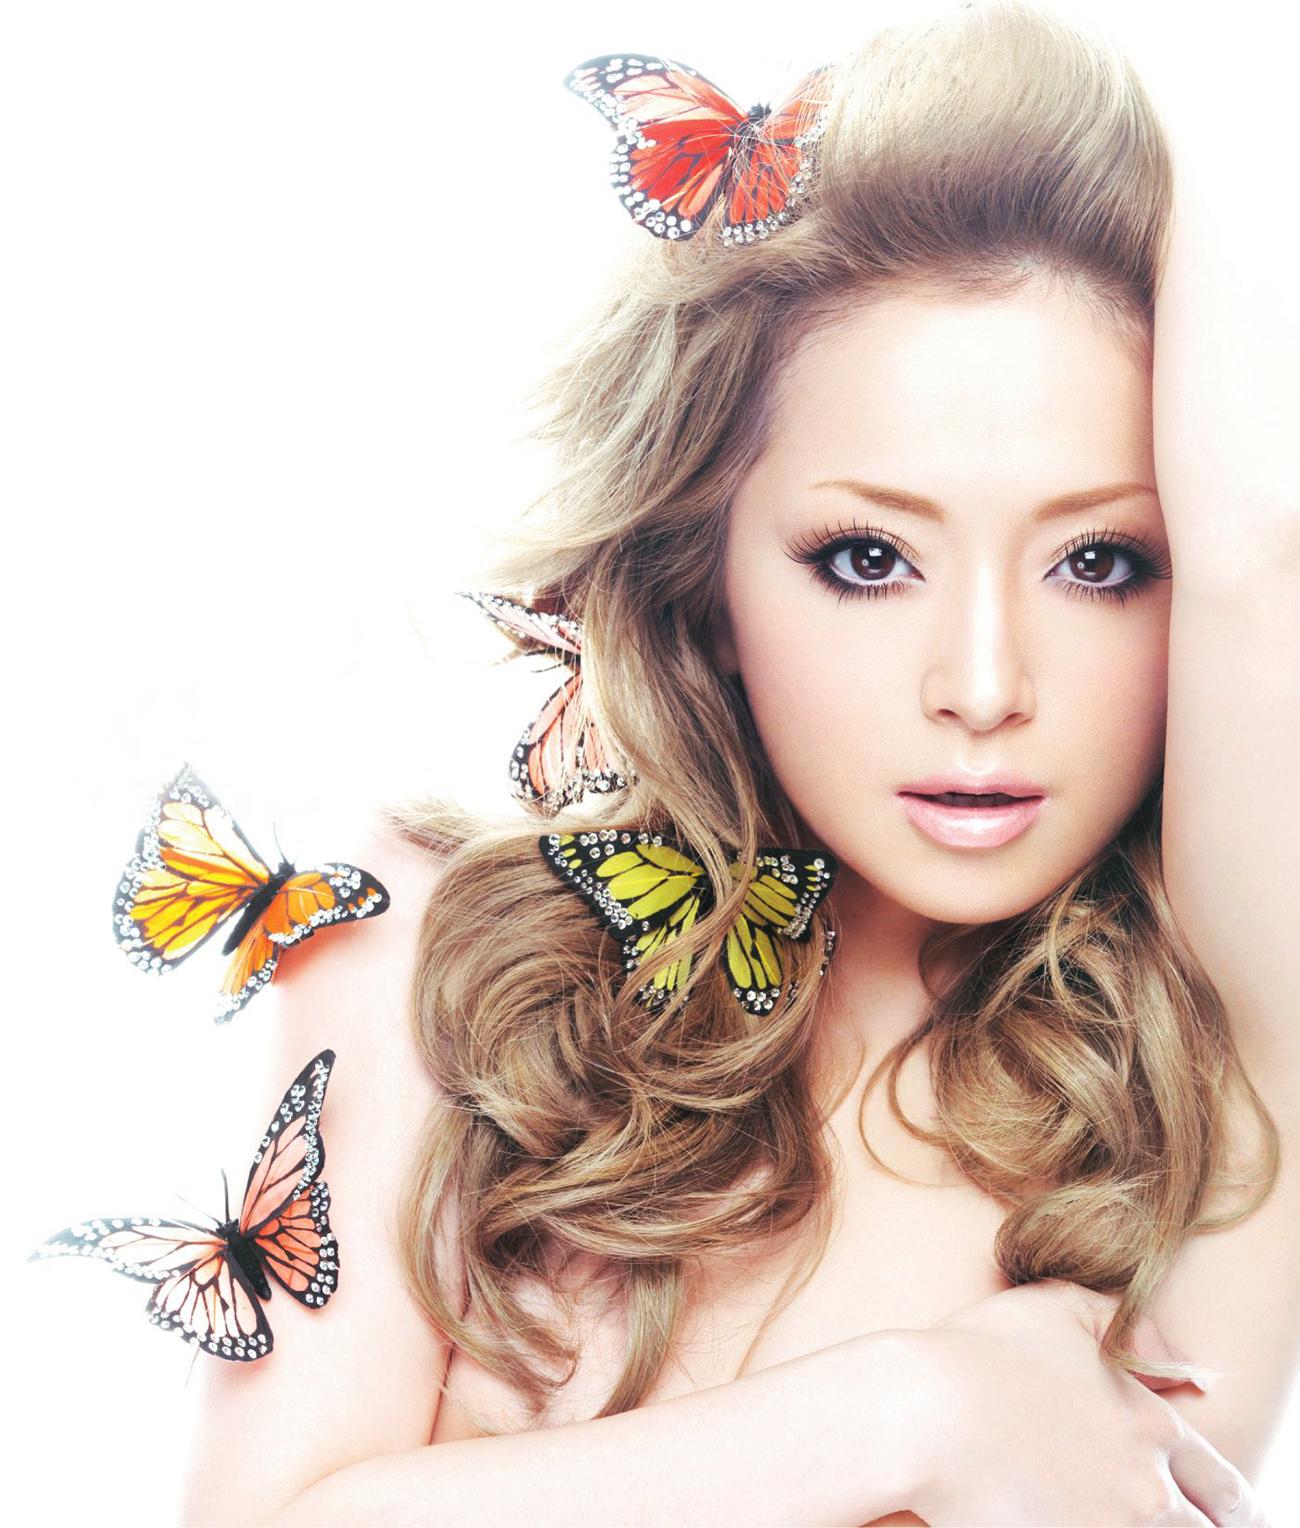 [Magazine] Ayumi Hamasaki 2002-12-30 AERA   Ayumi Hamasaki 2012